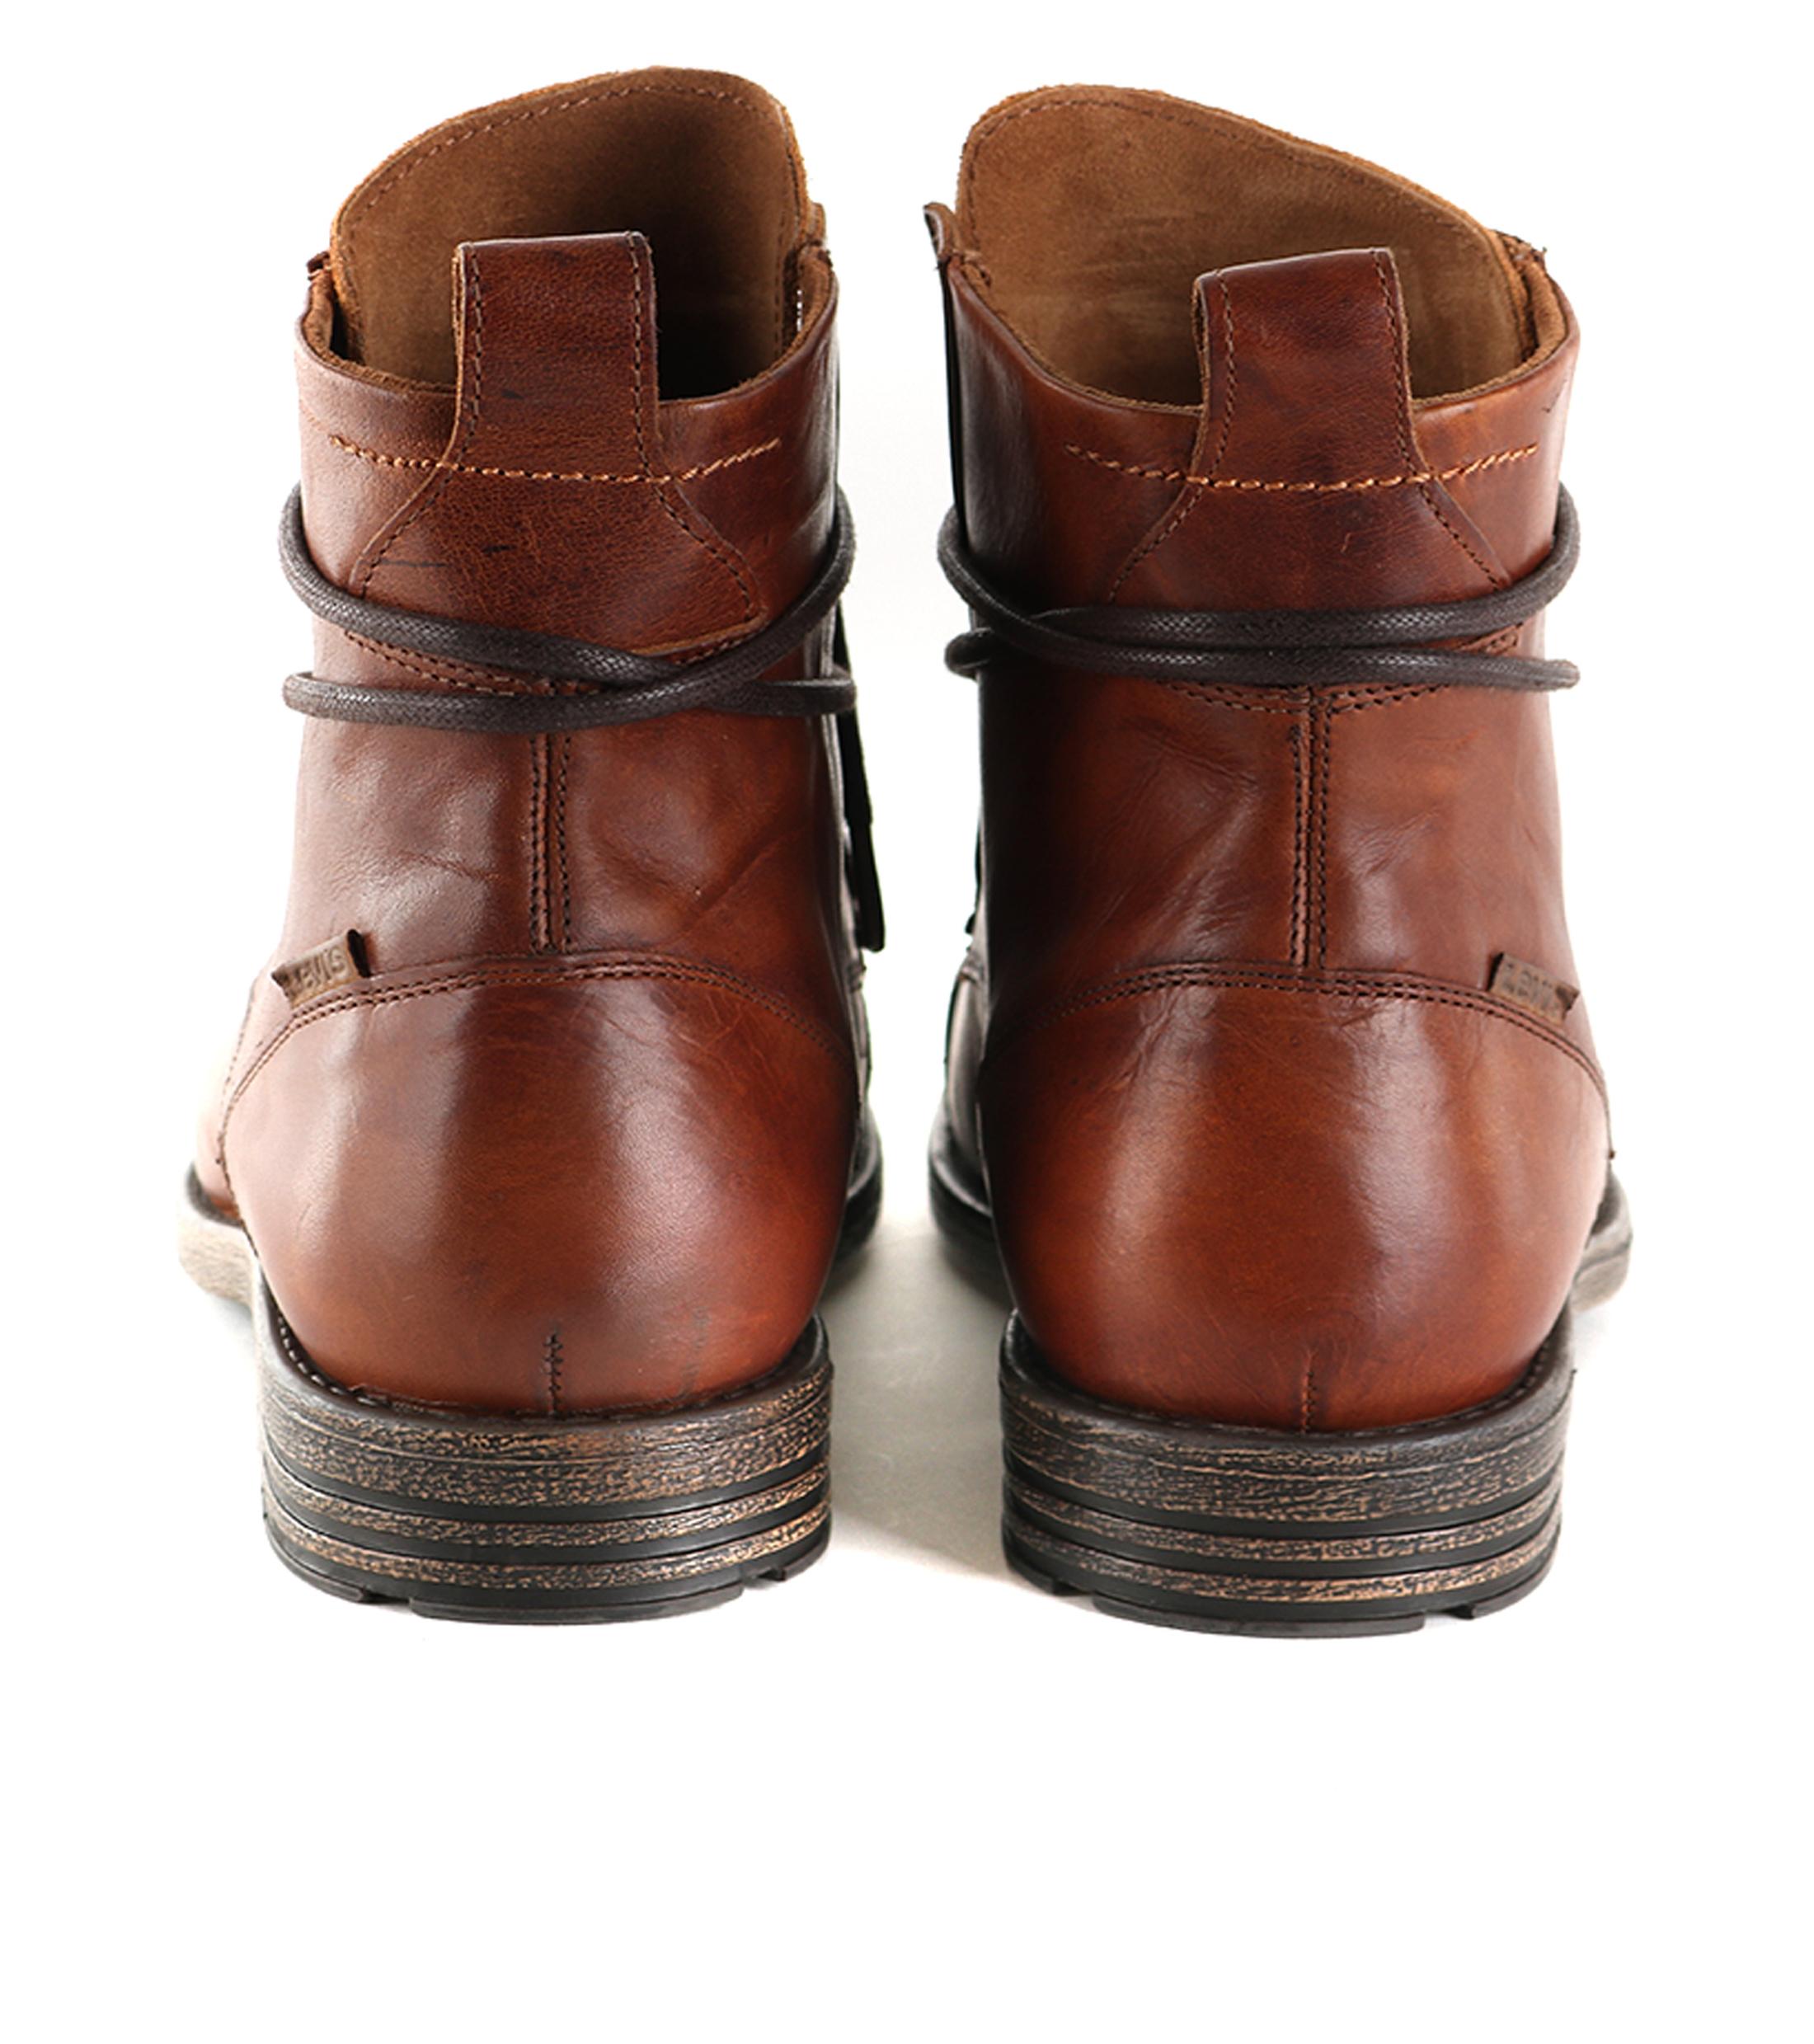 e27615862d8 Levi's Emerson Boots Cognac | Suitable